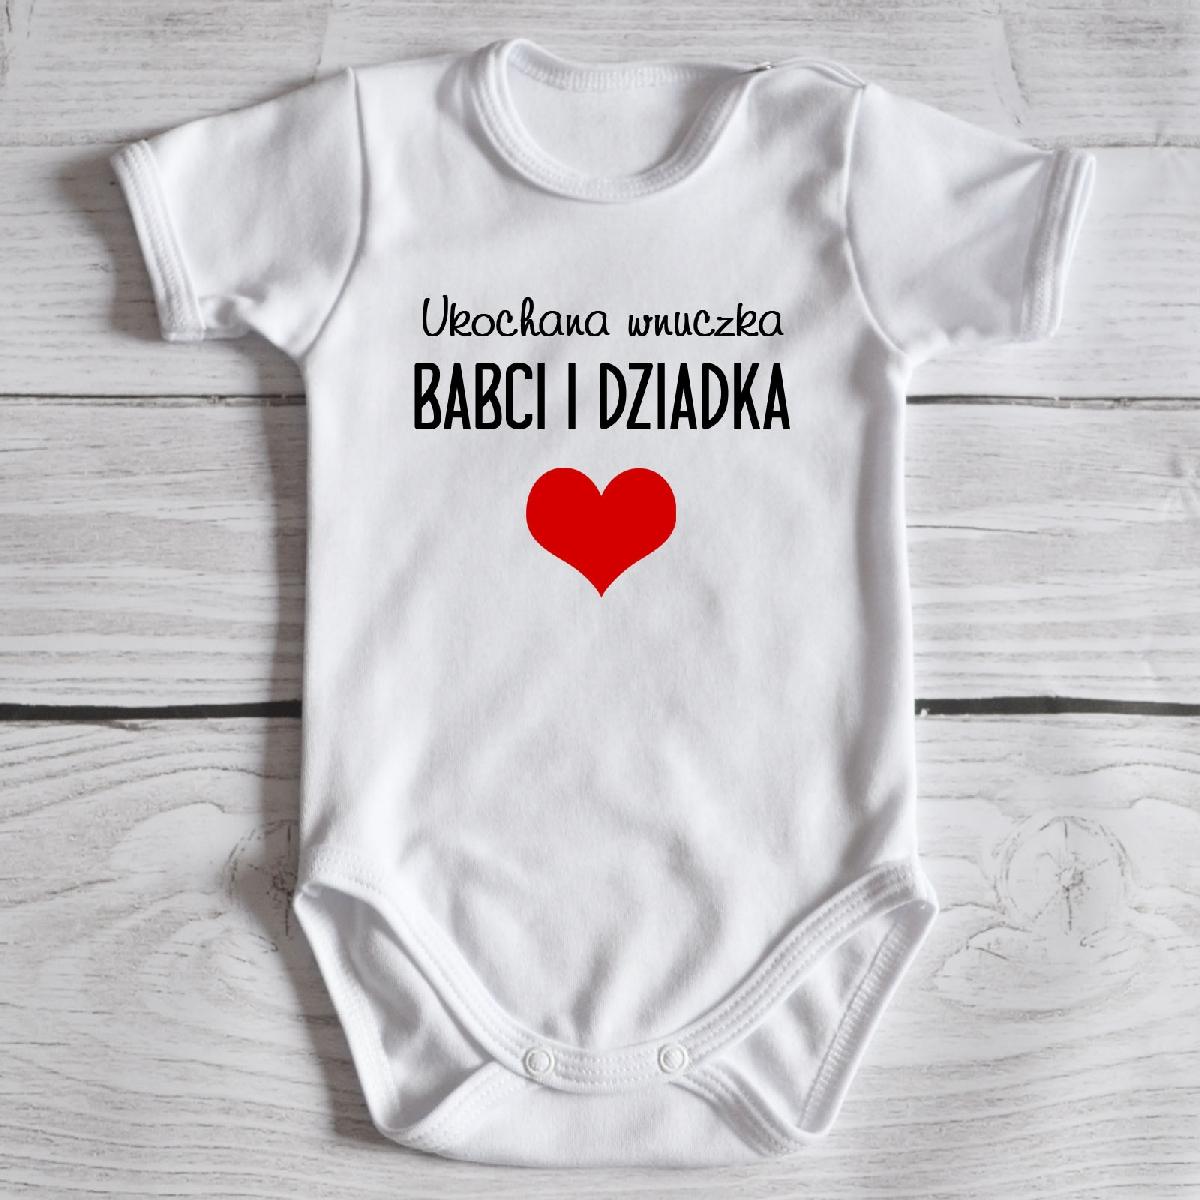 Masywnie Oryginalne body dla dzieci z napisami - moocha.pl - ogłoszenia XG18